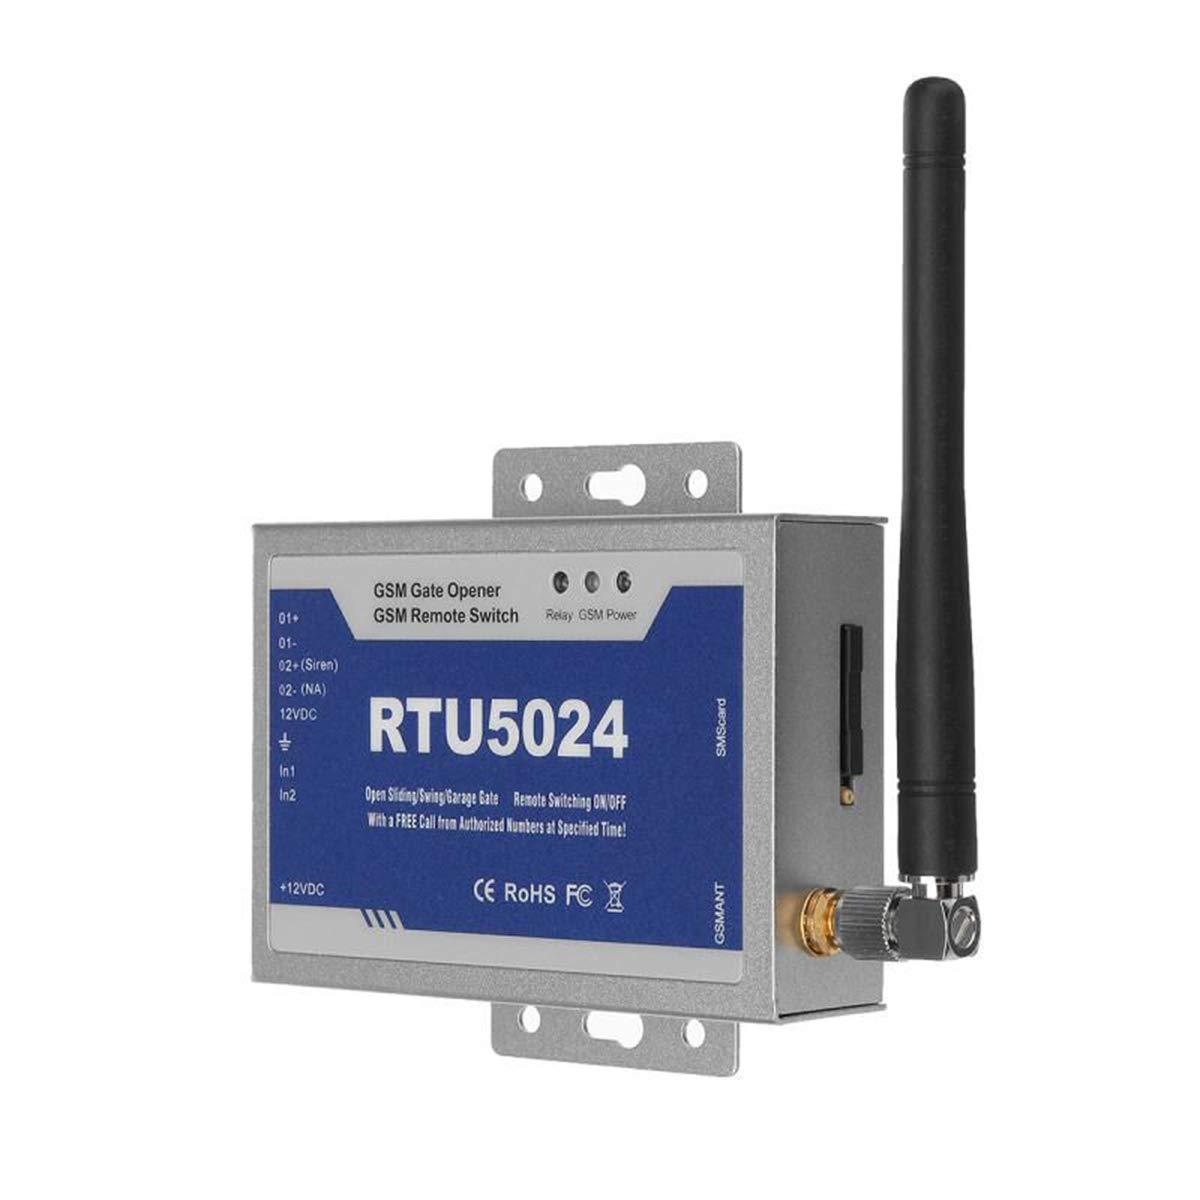 RTU5024 abrepuertas con Control gsm Dial gsm Abridor de Puerta a Distancia Soporta Llamadas Gratis SMS Comandos Interruptor Remoto SM